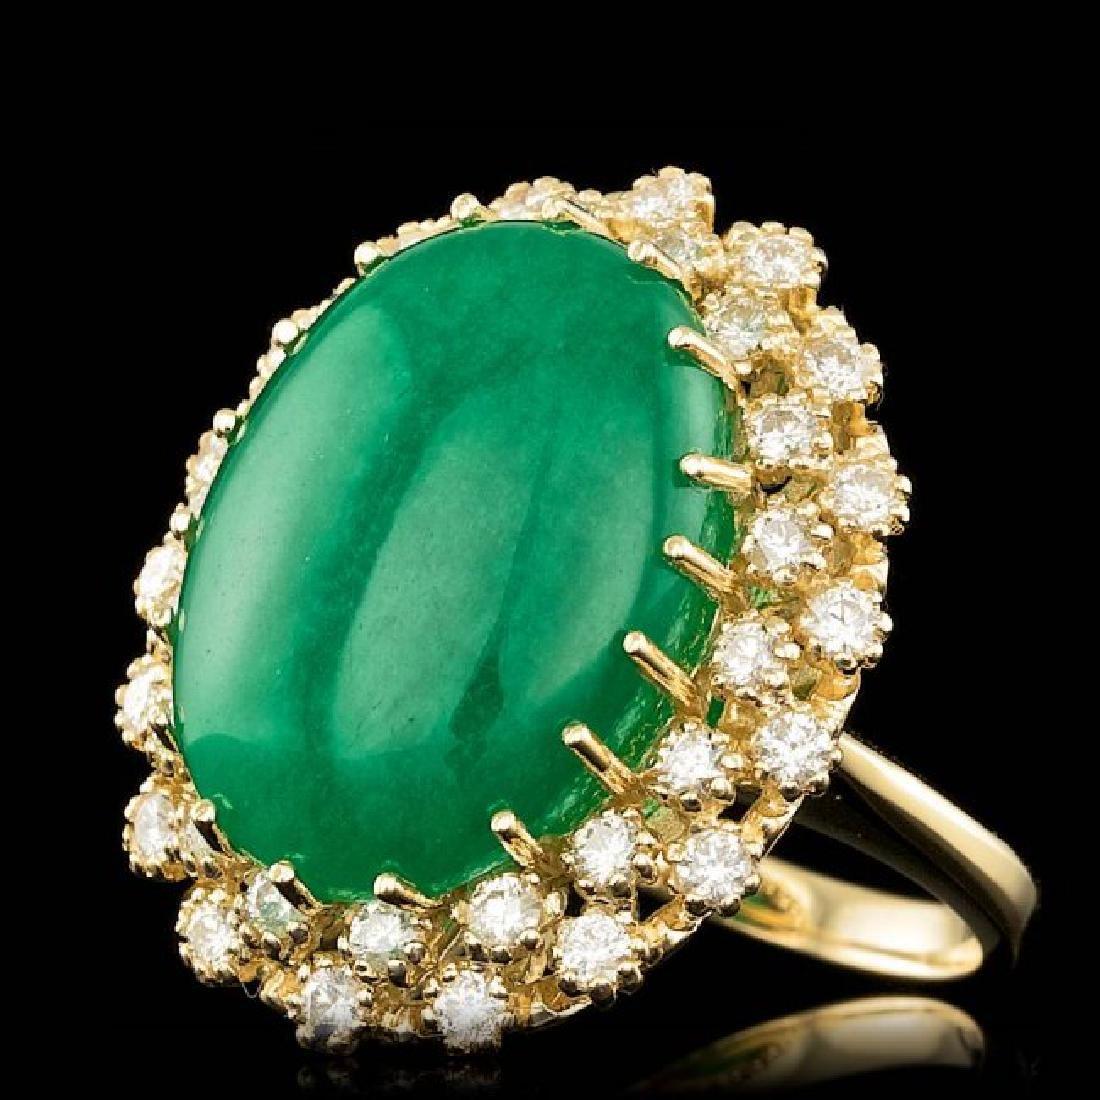 14k Yellow Gold 13.50ct Jade 1.30ct Diamond Ring - 2